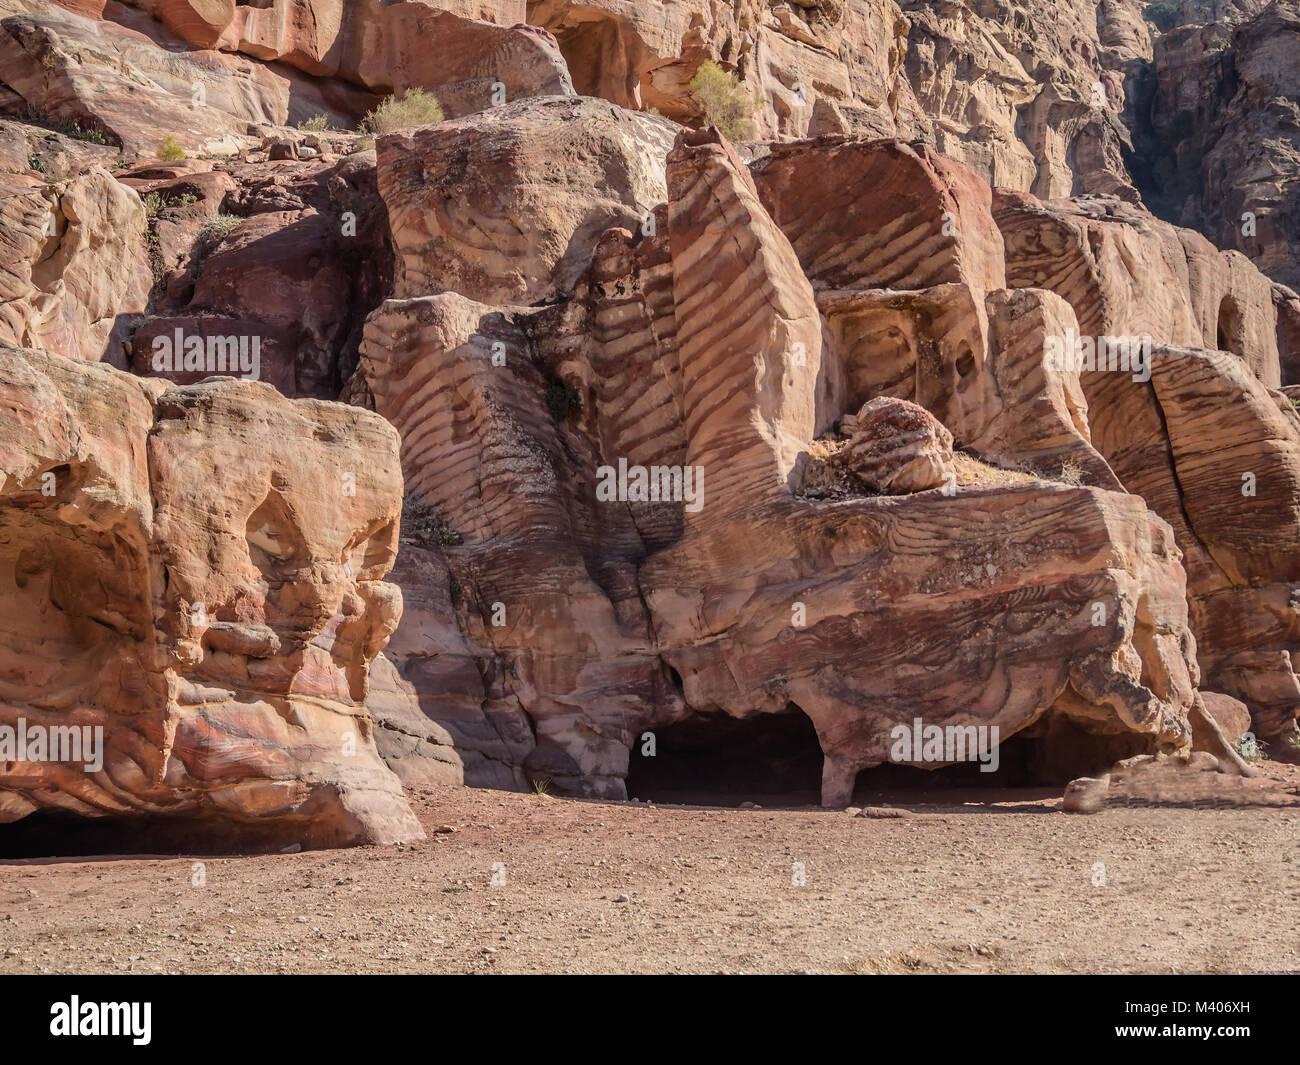 Wohnungen Wohnungen in Petra verlorene Stadt in Jordanien Stockbild